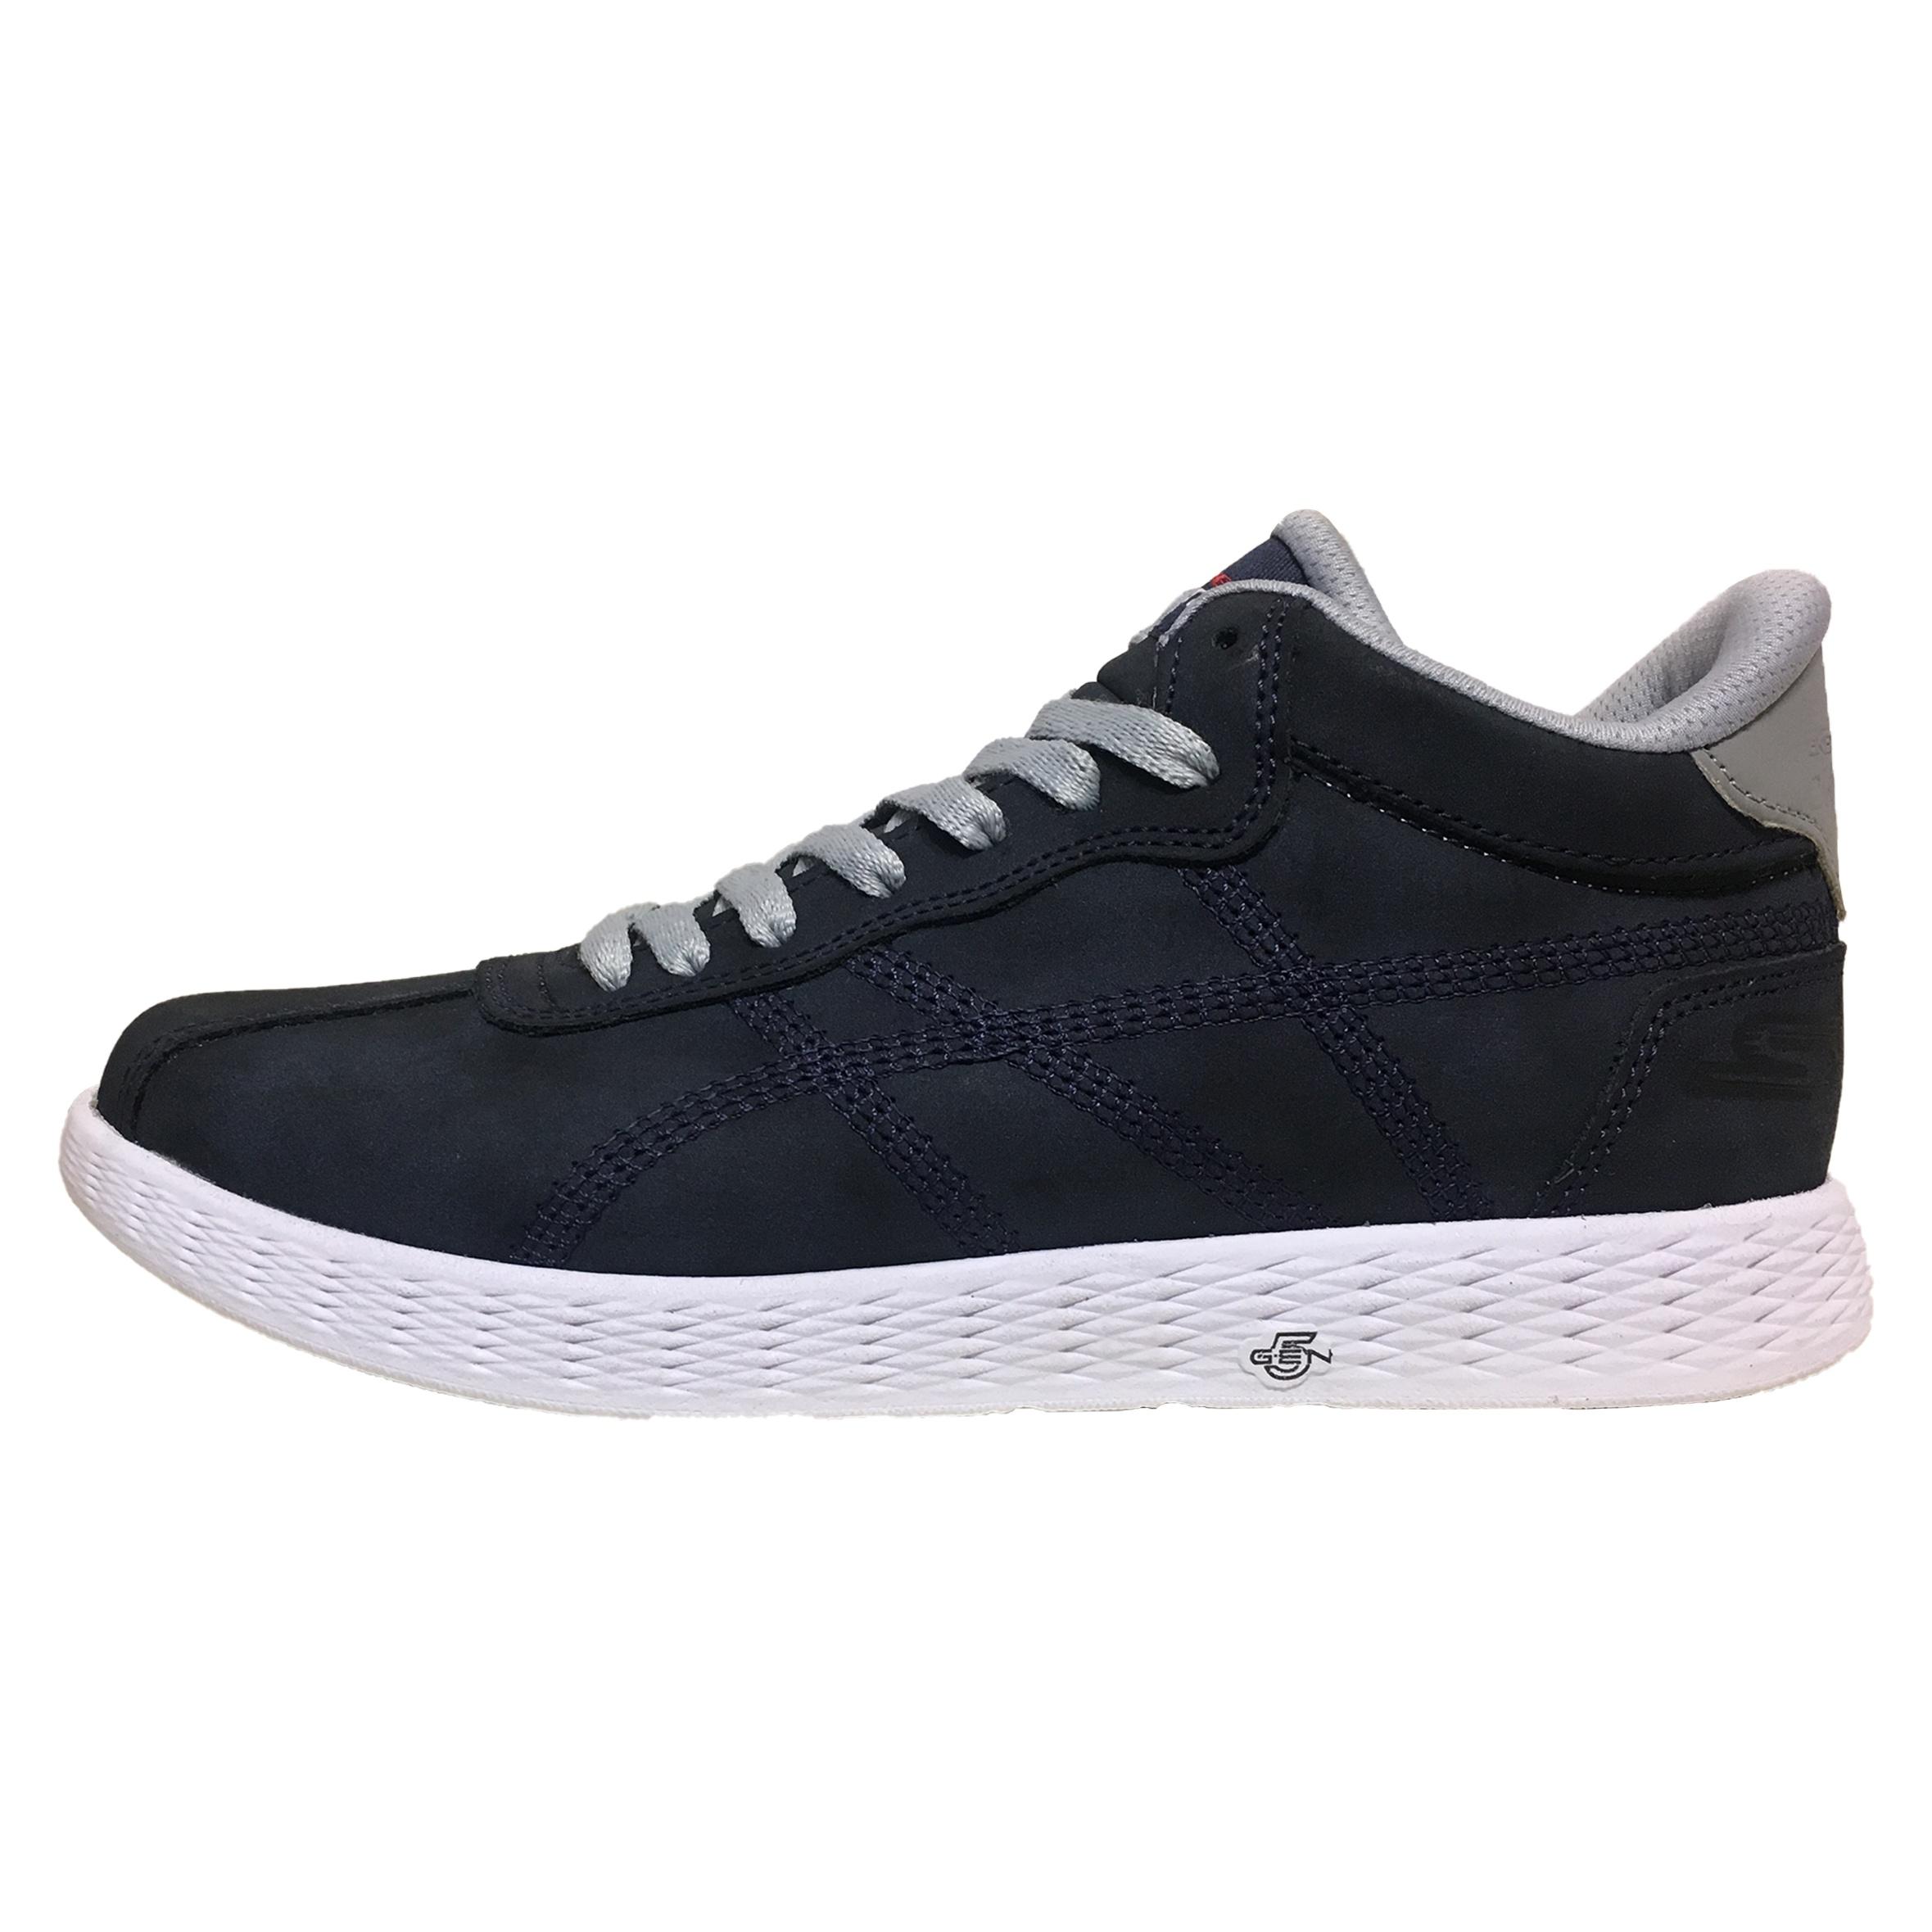 کفش مخصوص پیاده روی زنانه کد 980924zs